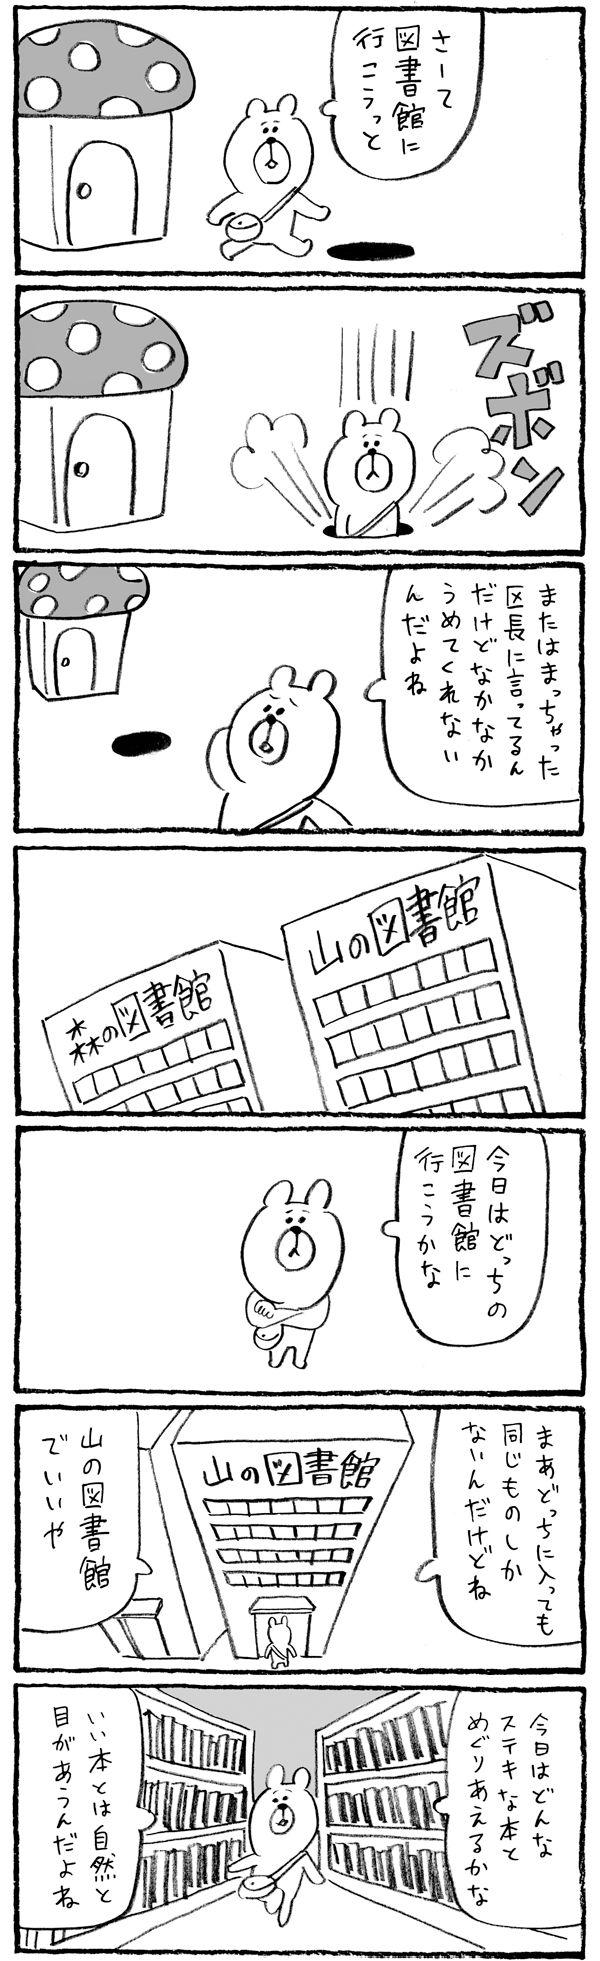 大阪都構想をデザイナーがちょっとだけまとめてみた